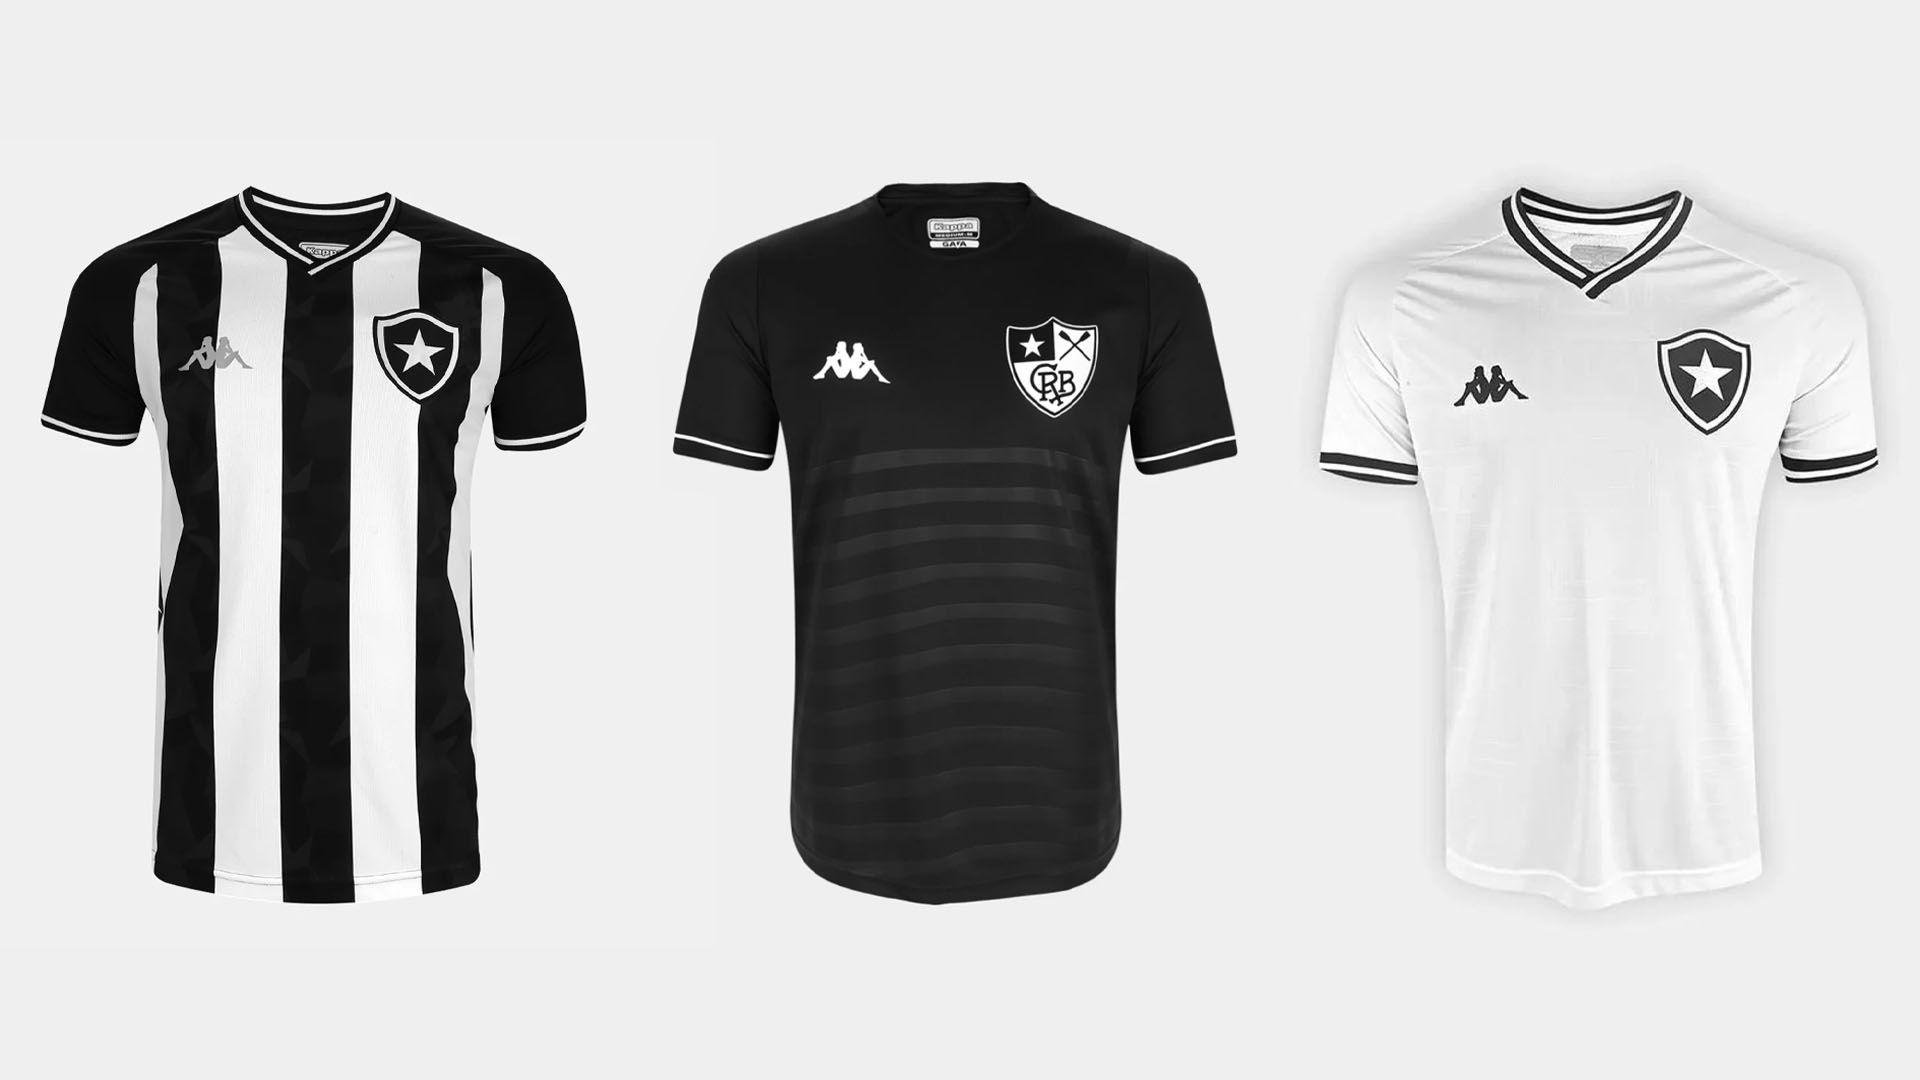 Camisa do Botafogo 2019 Kappa Jogo 1, 2 e 3 (Imagem: Divulgação/Kappa)